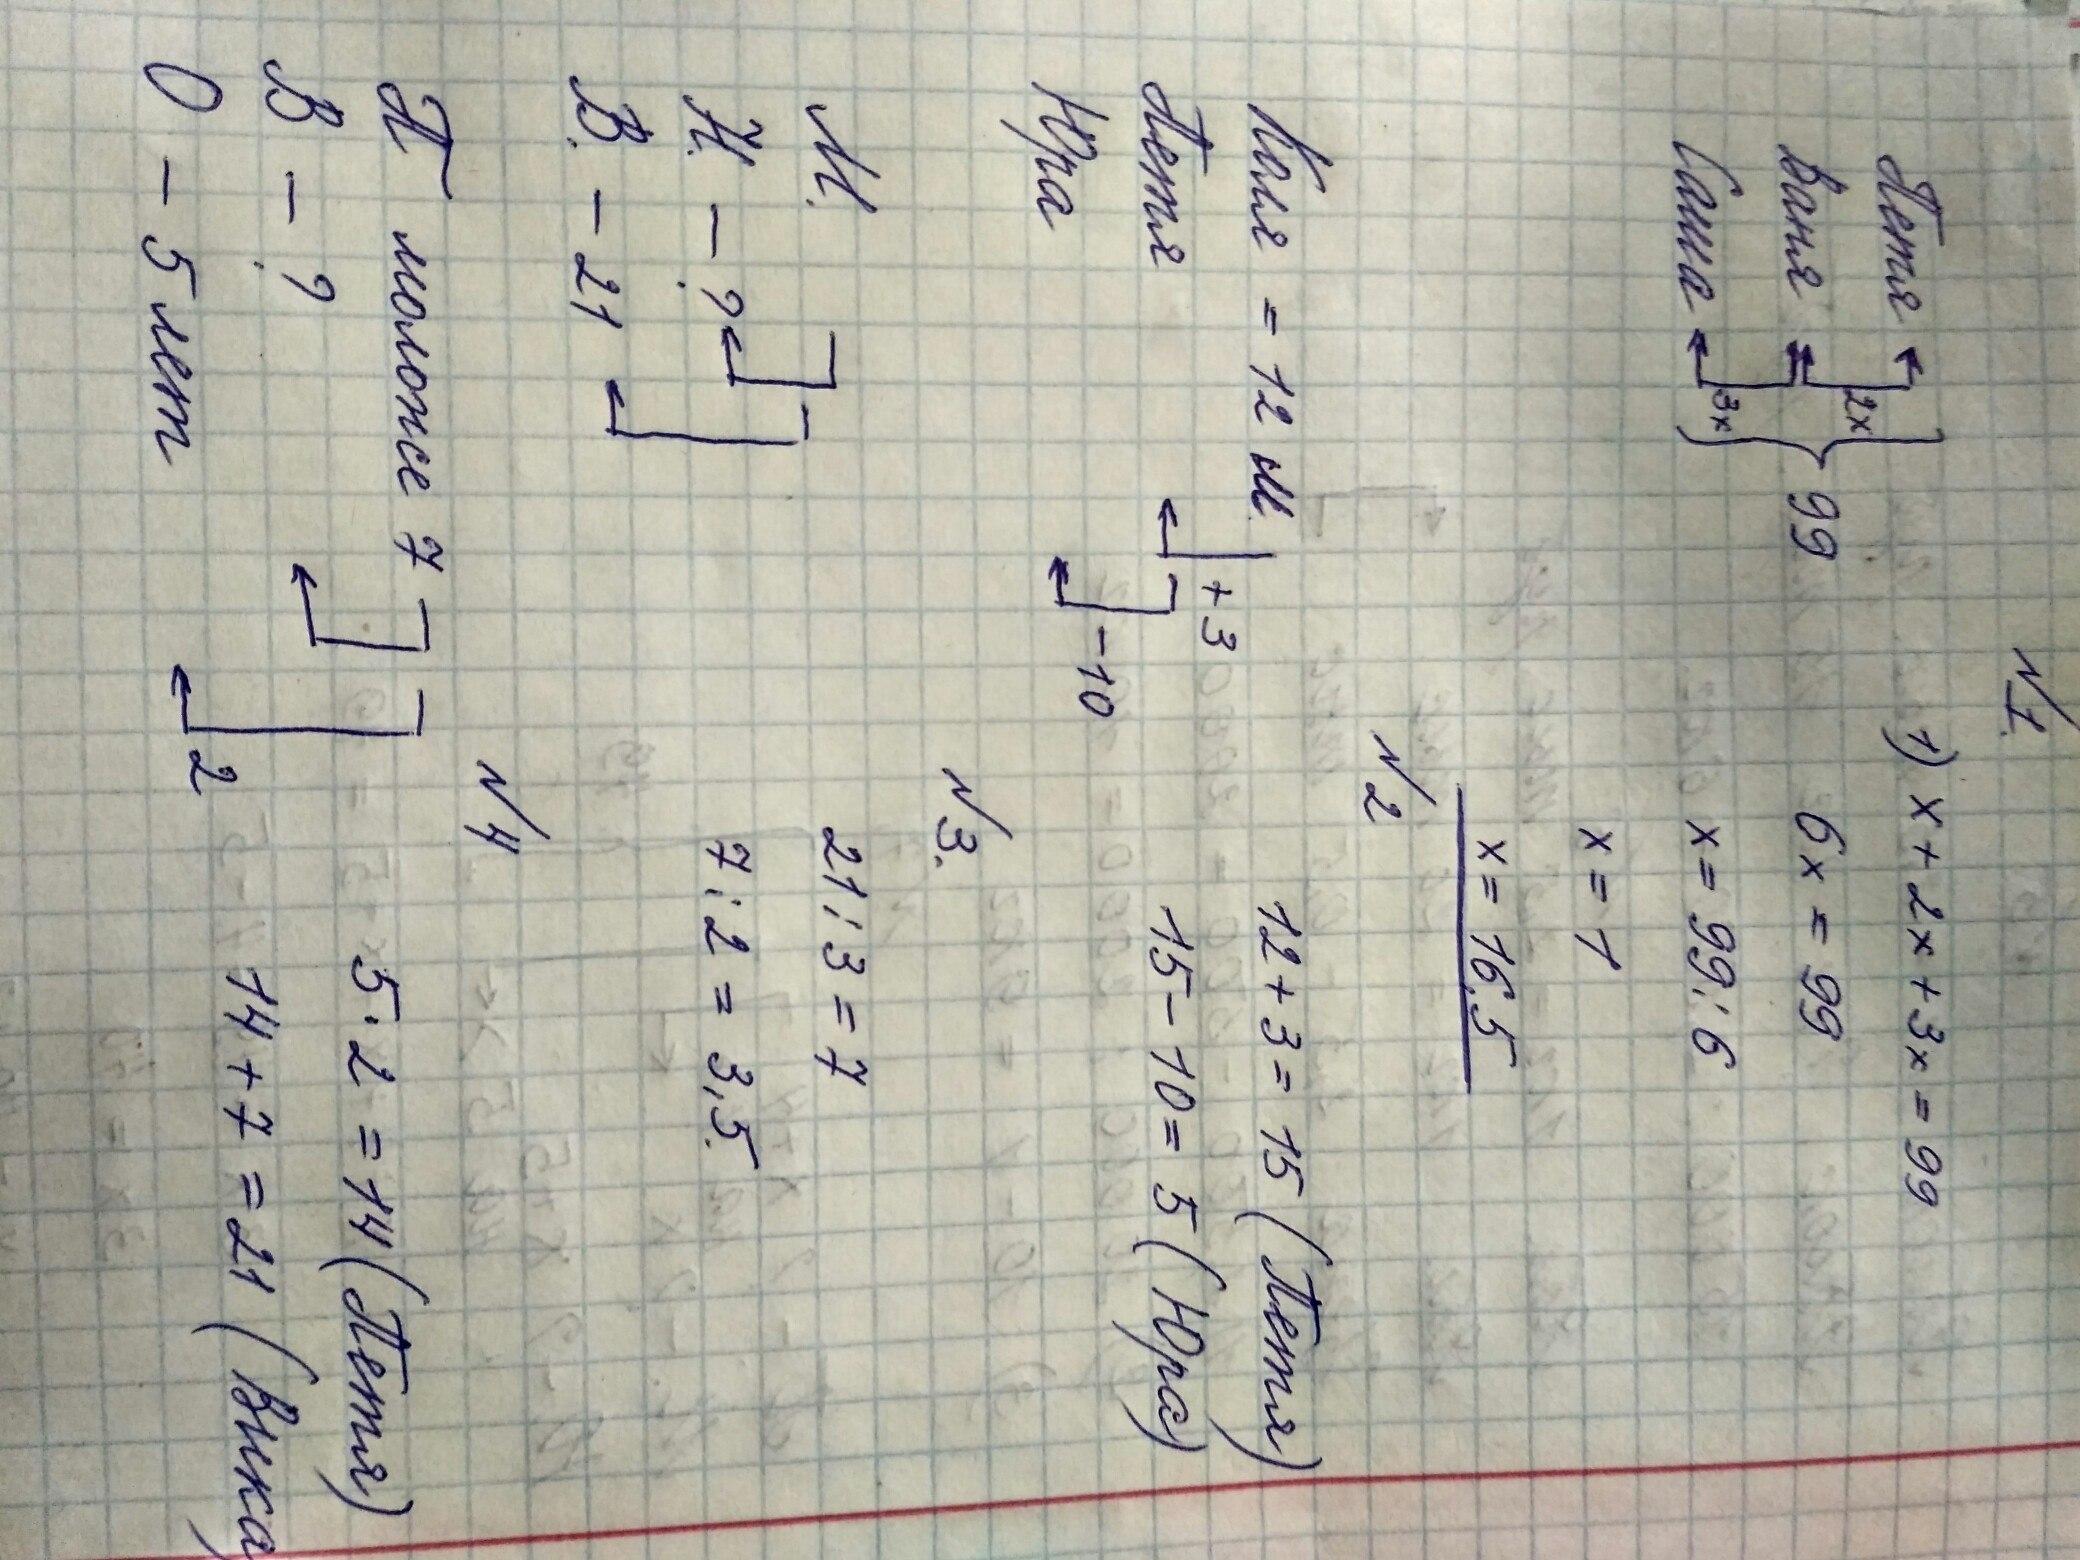 Решить задачу саша старше коли примеры решения задач ле шателье